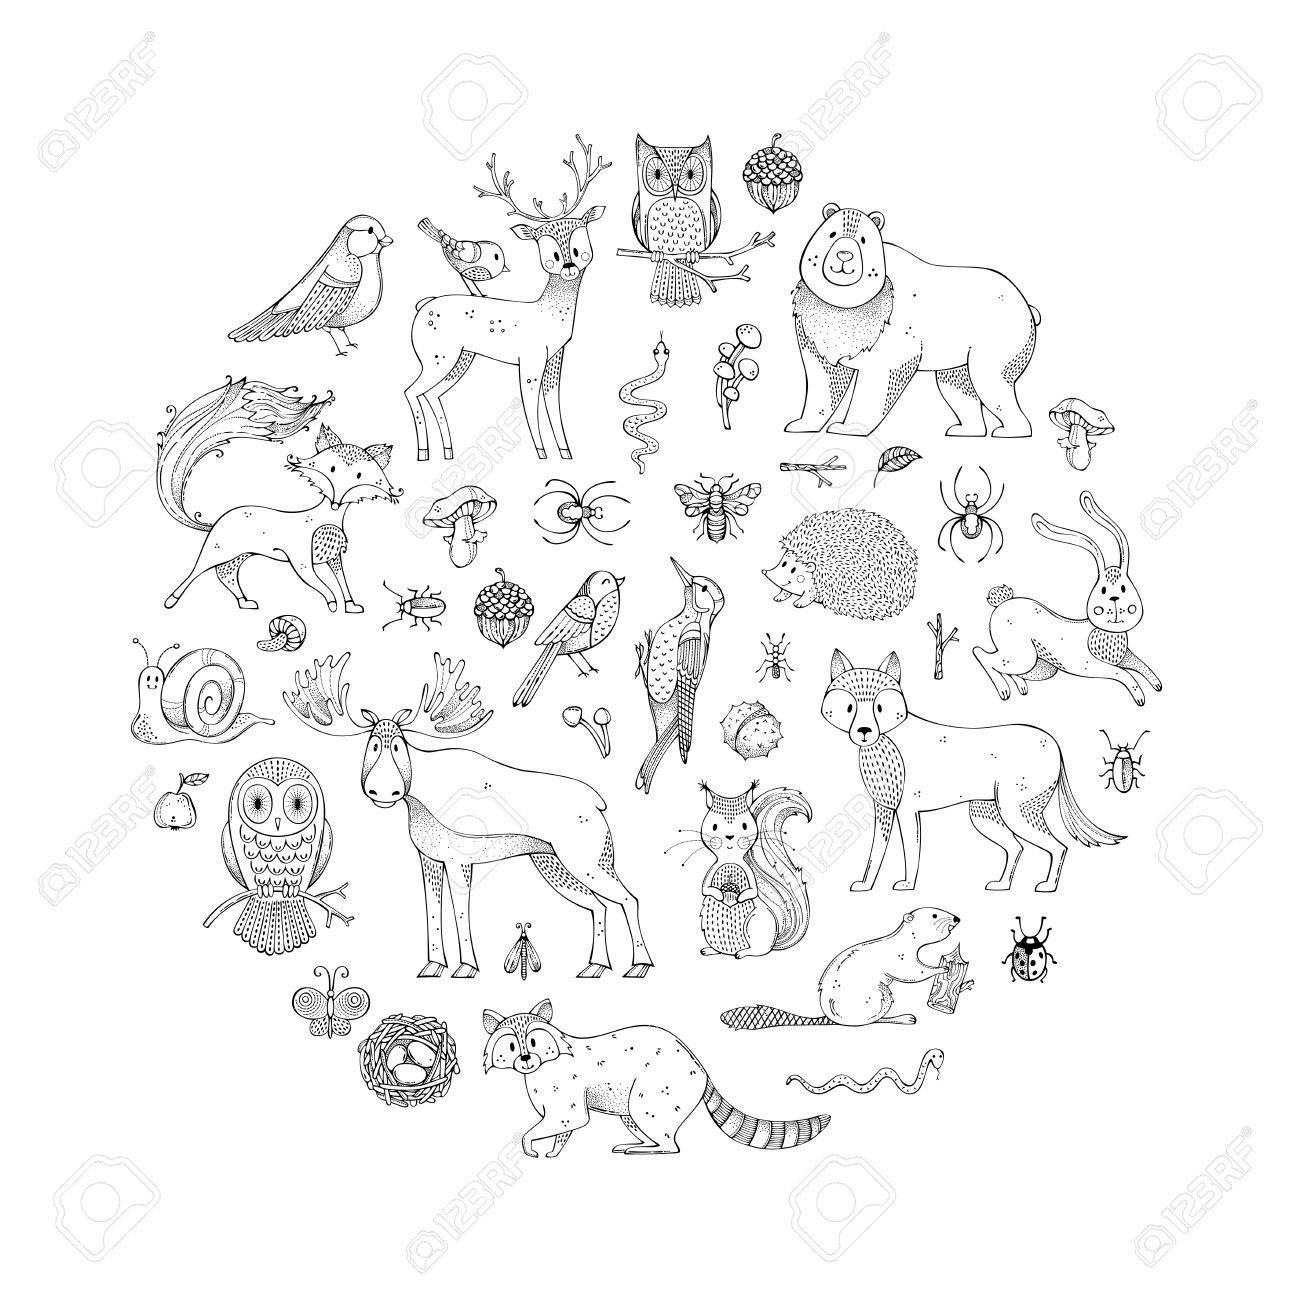 Dibujado A Mano Zorro, Lobo, Búho, Liebre, Ardilla, Alce, Venado ...